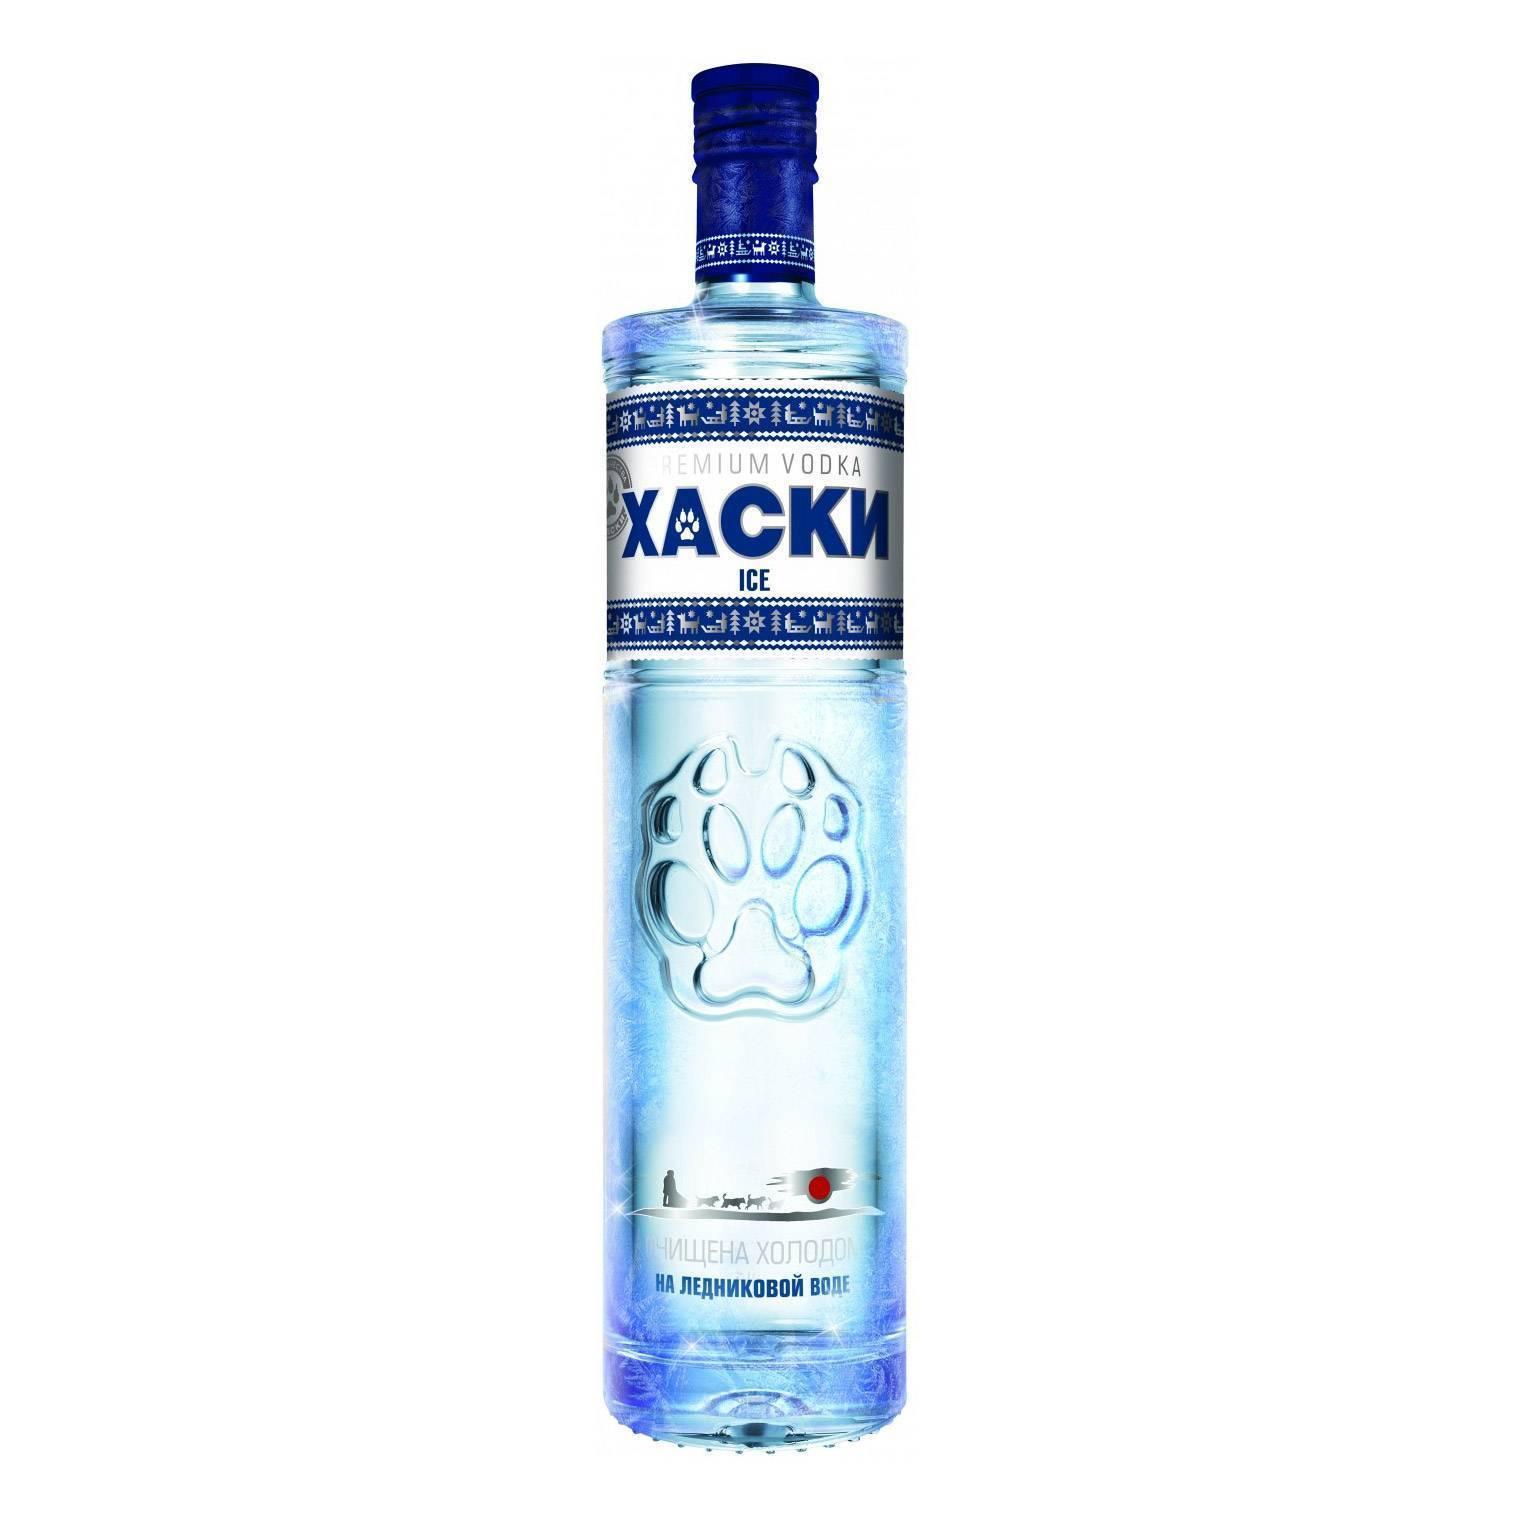 Что за продукт водка хаски? как выбрать в магазине